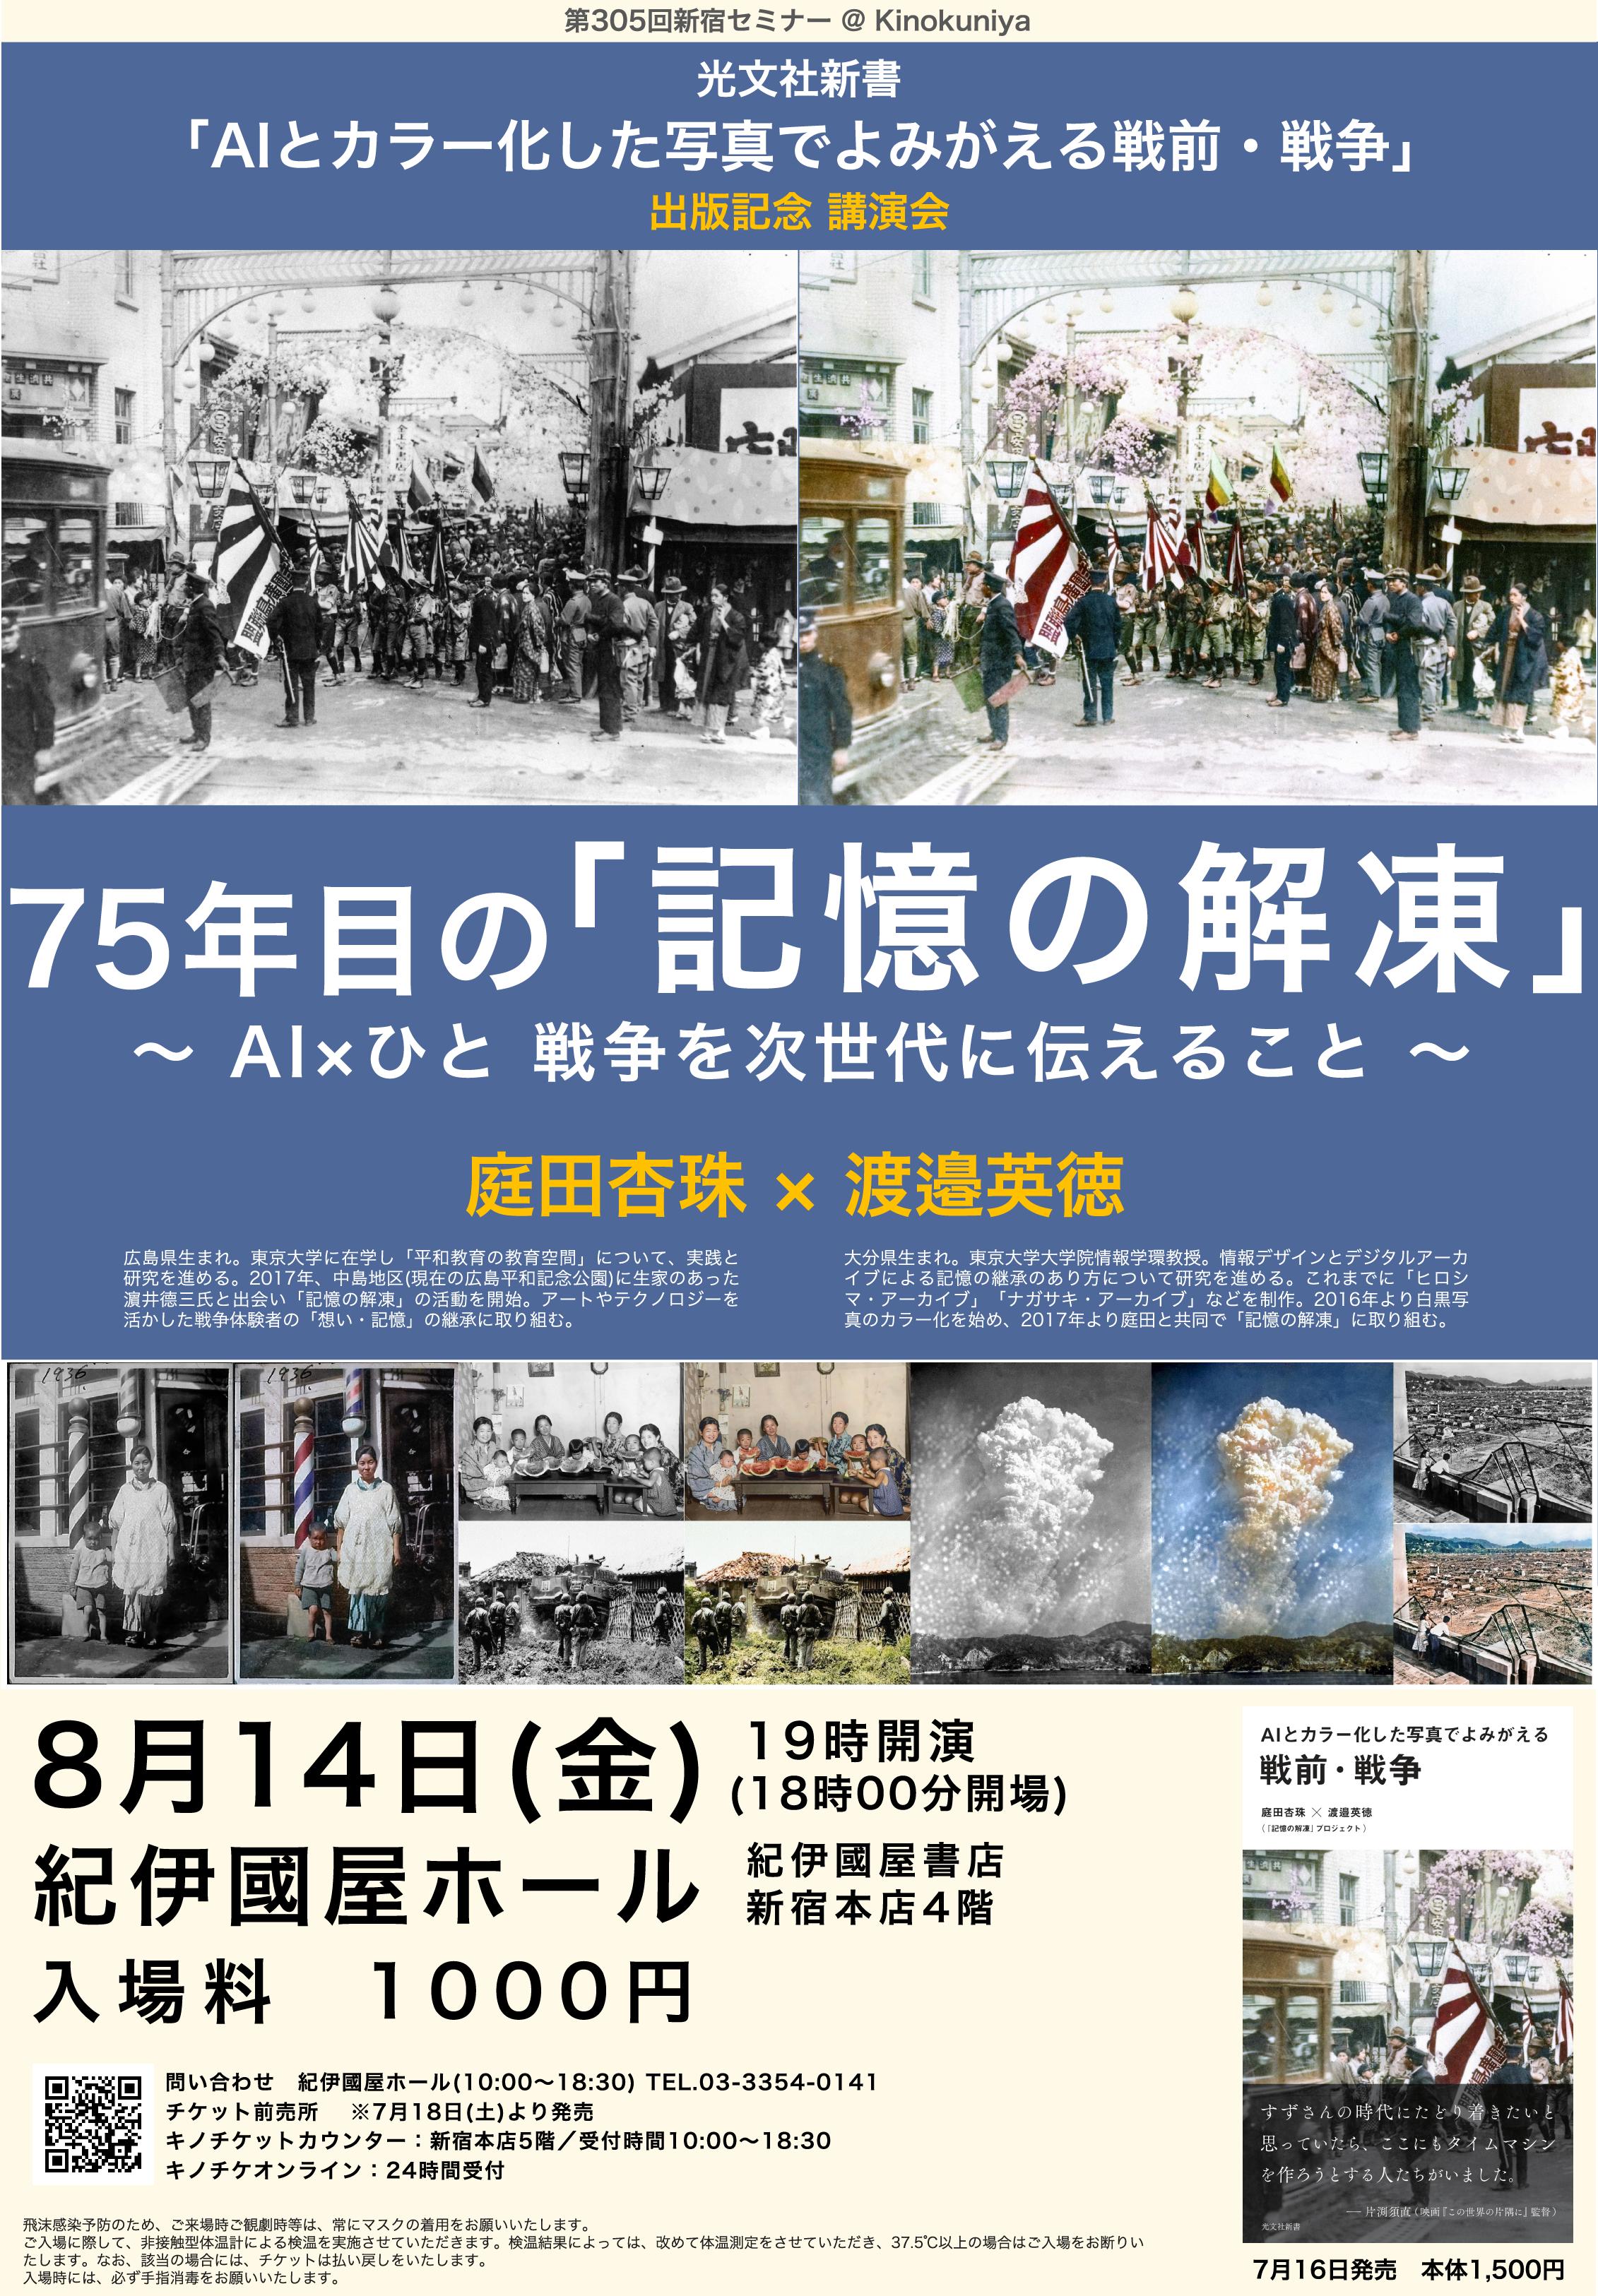 ※開催中止※第305回新宿セミナー@Kinokuniya 『AIとカラー化した写真でよみがえる戦前・戦争』出版記念講演会